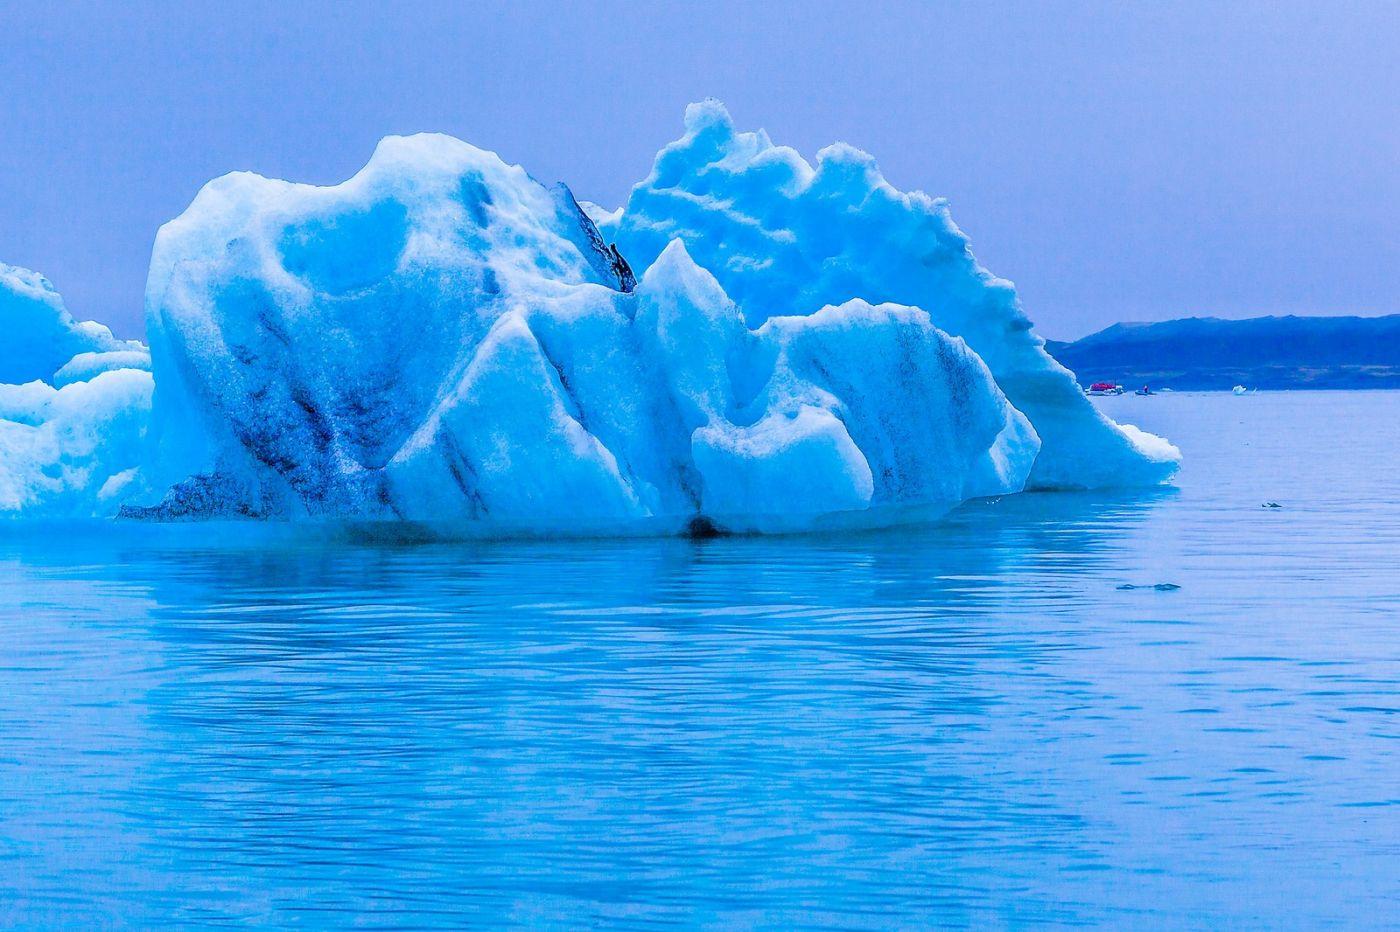 冰岛冰川泻湖(Glacier Lagoon),自然雕塑_图1-11